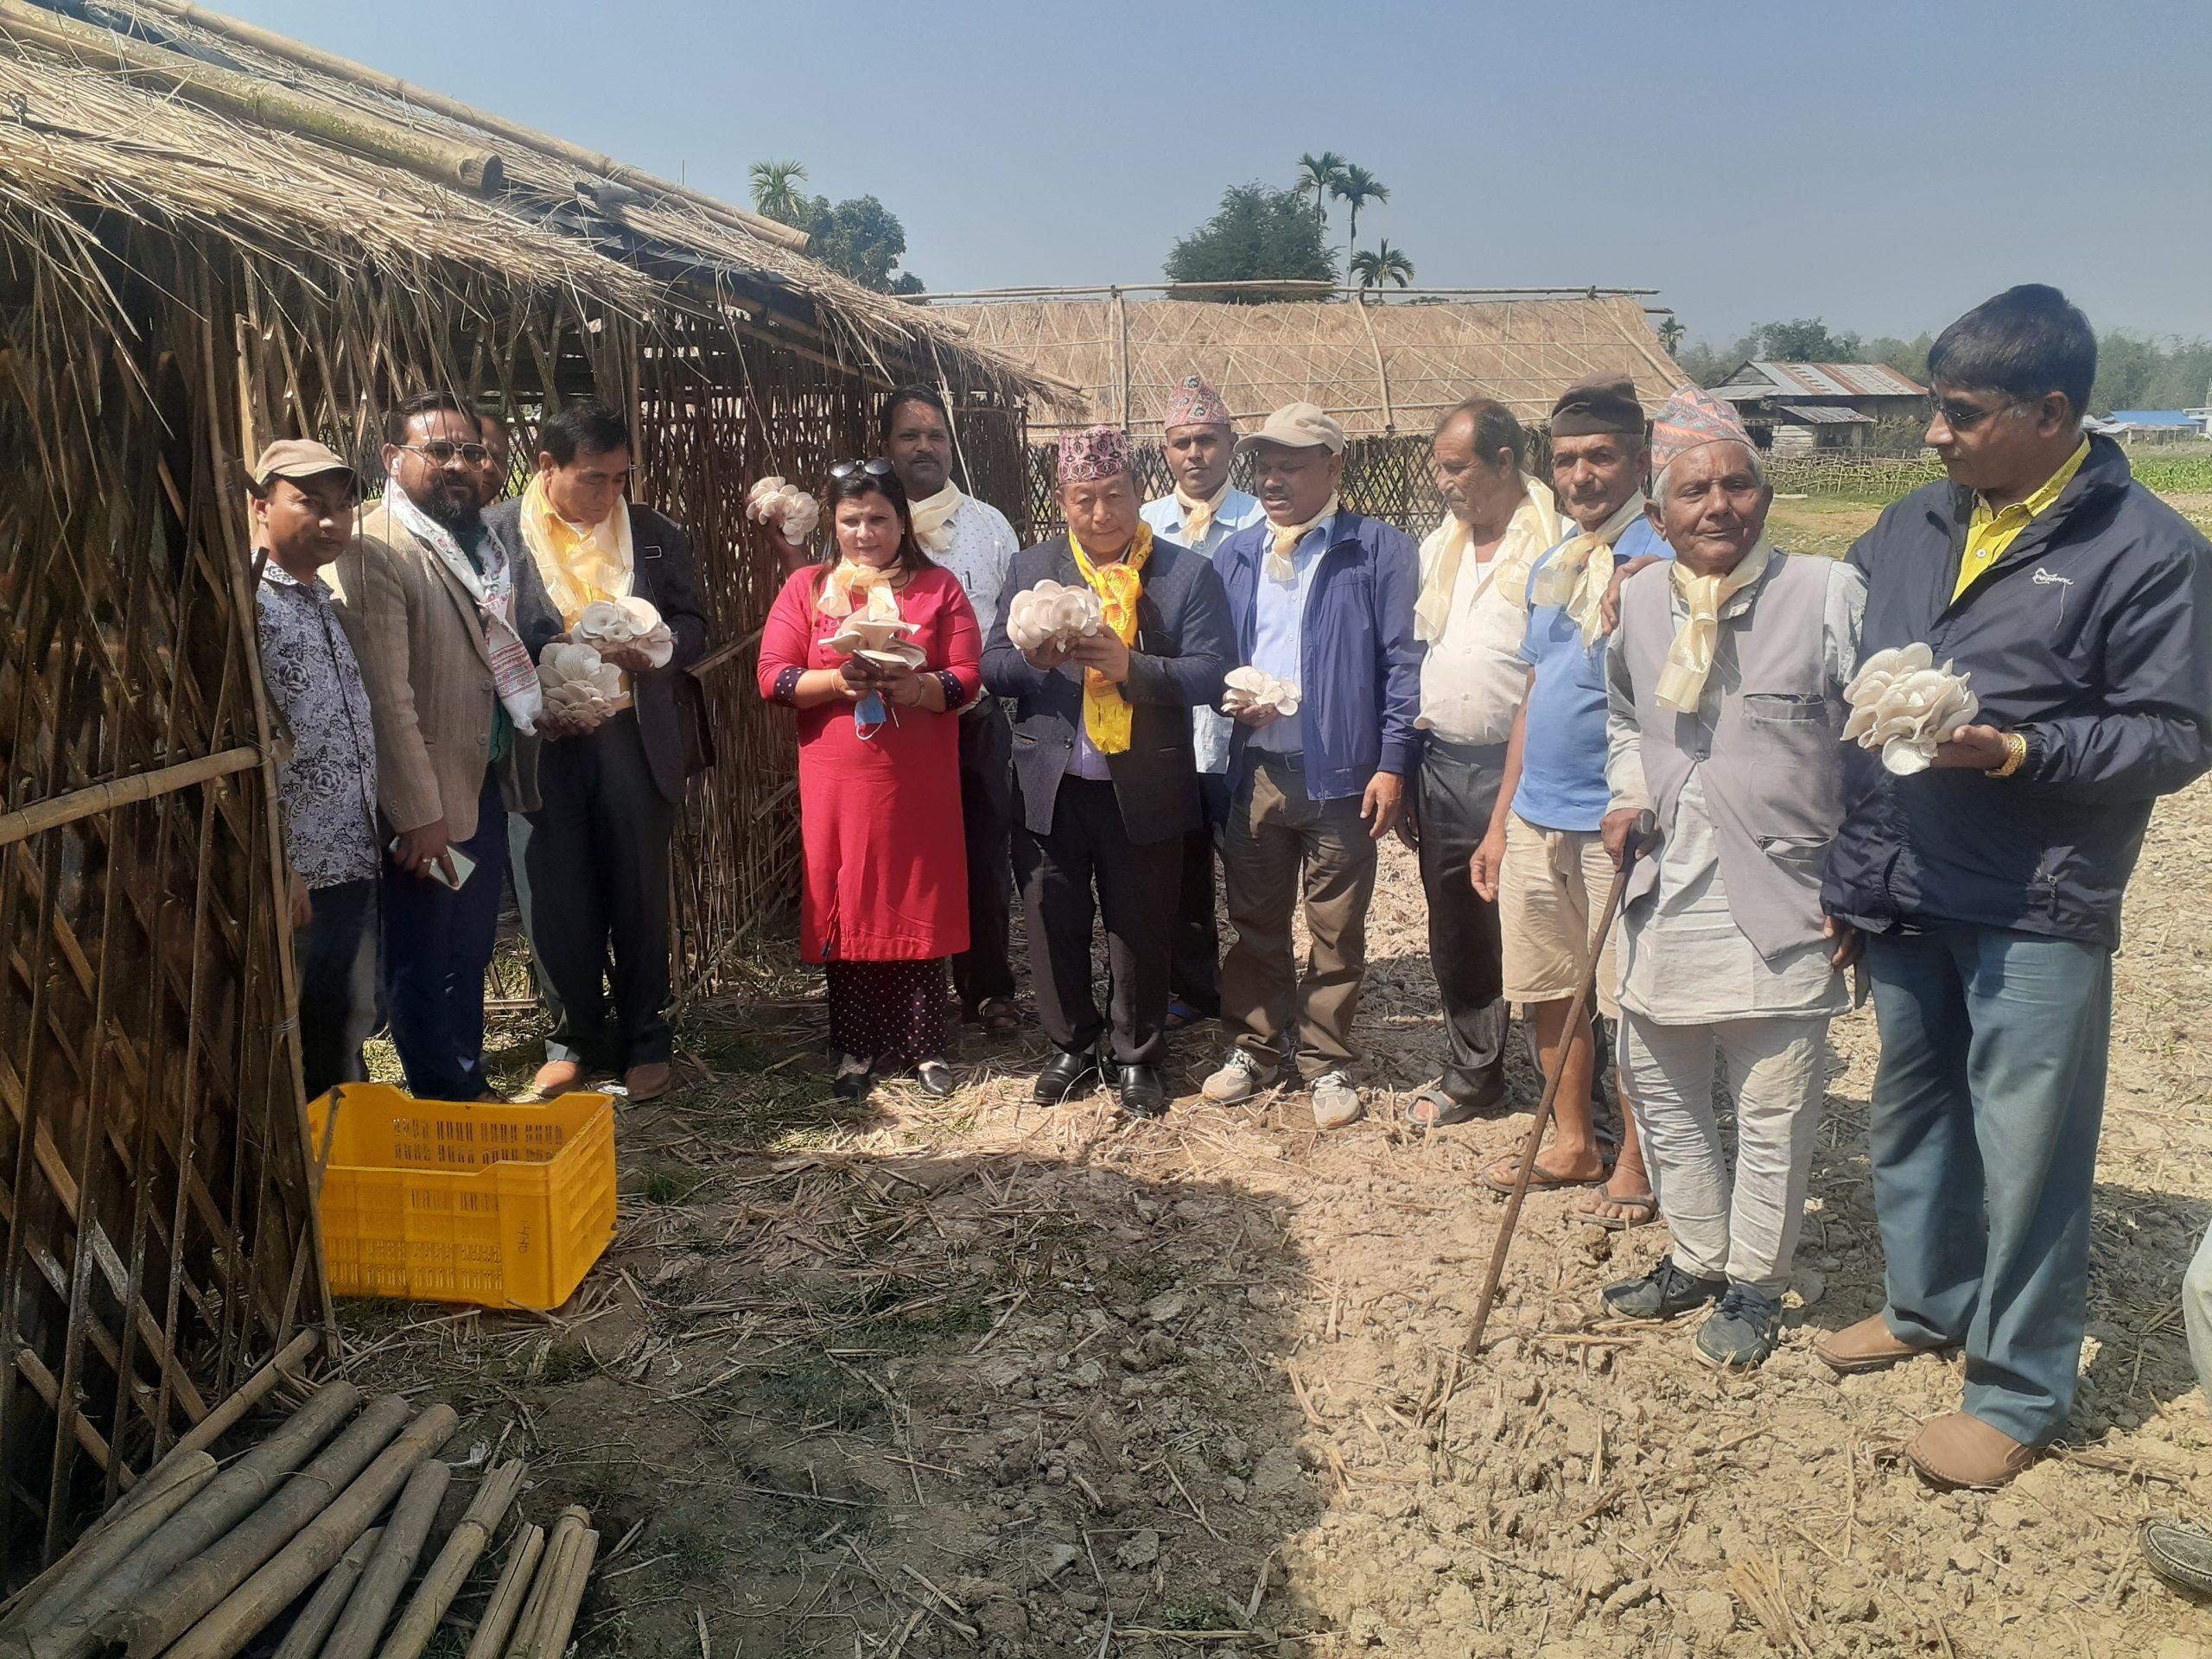 व्यवसायिक कृषि तथा पशुपालन परियोजना उद्घाटन